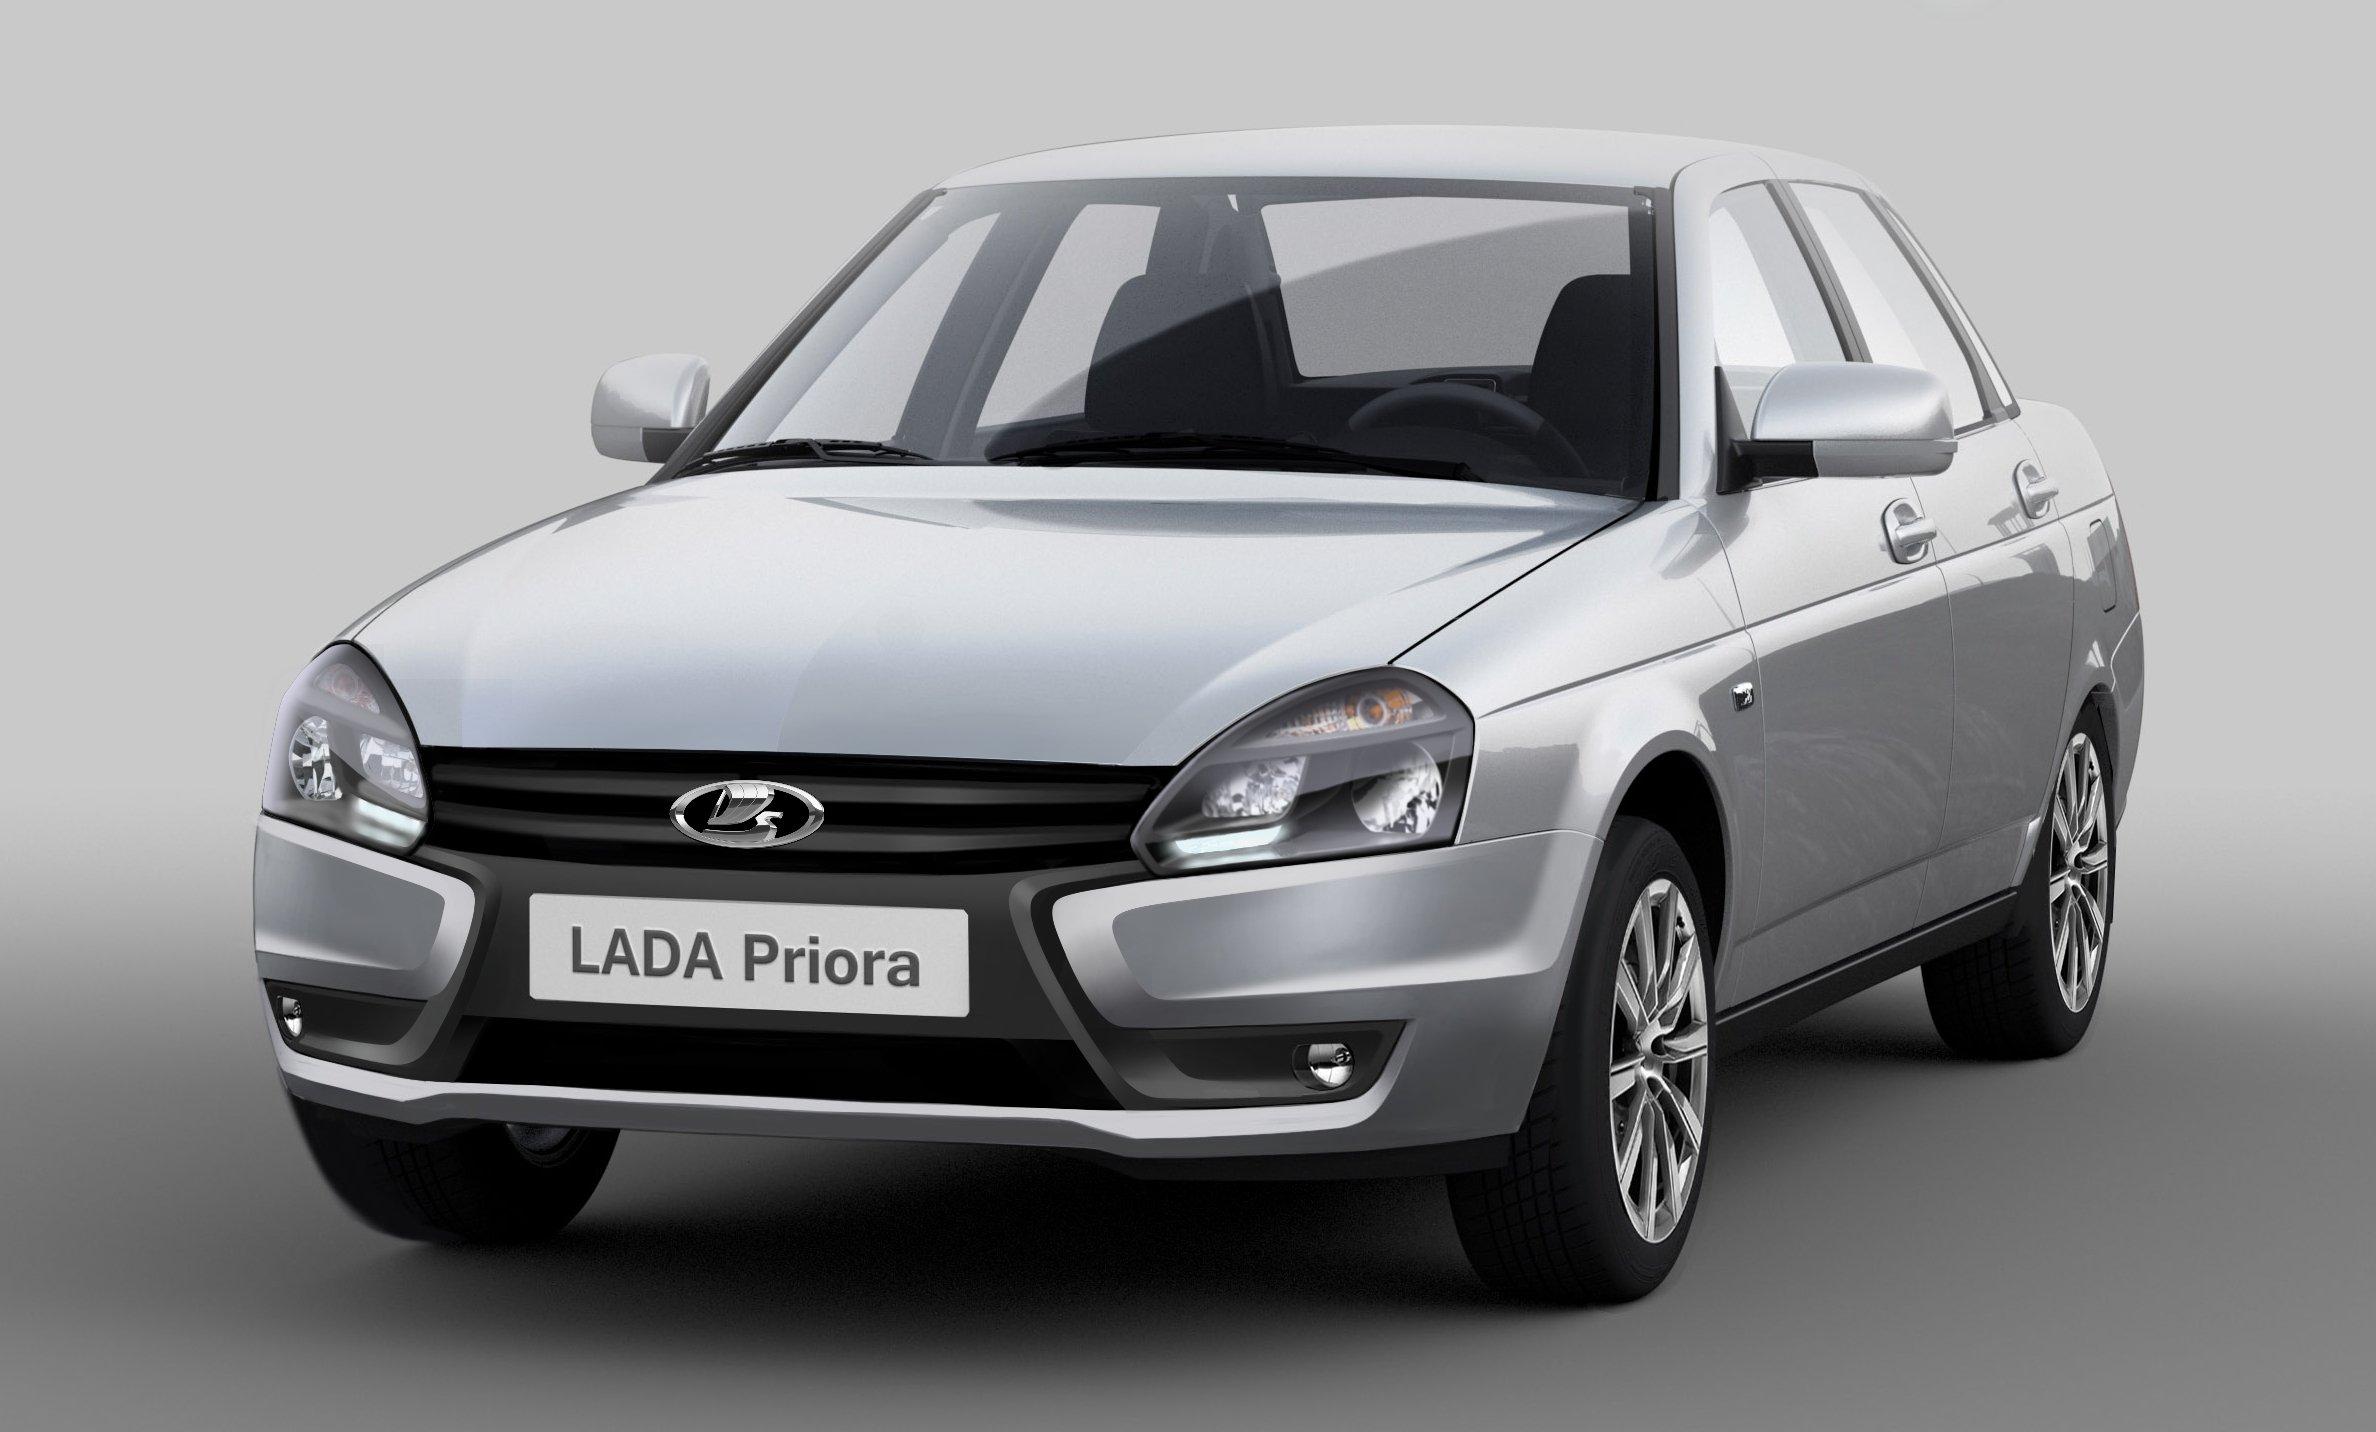 «АвтоВАЗ» выпустил 1-ый экземпляр Лада Priora десять лет назад